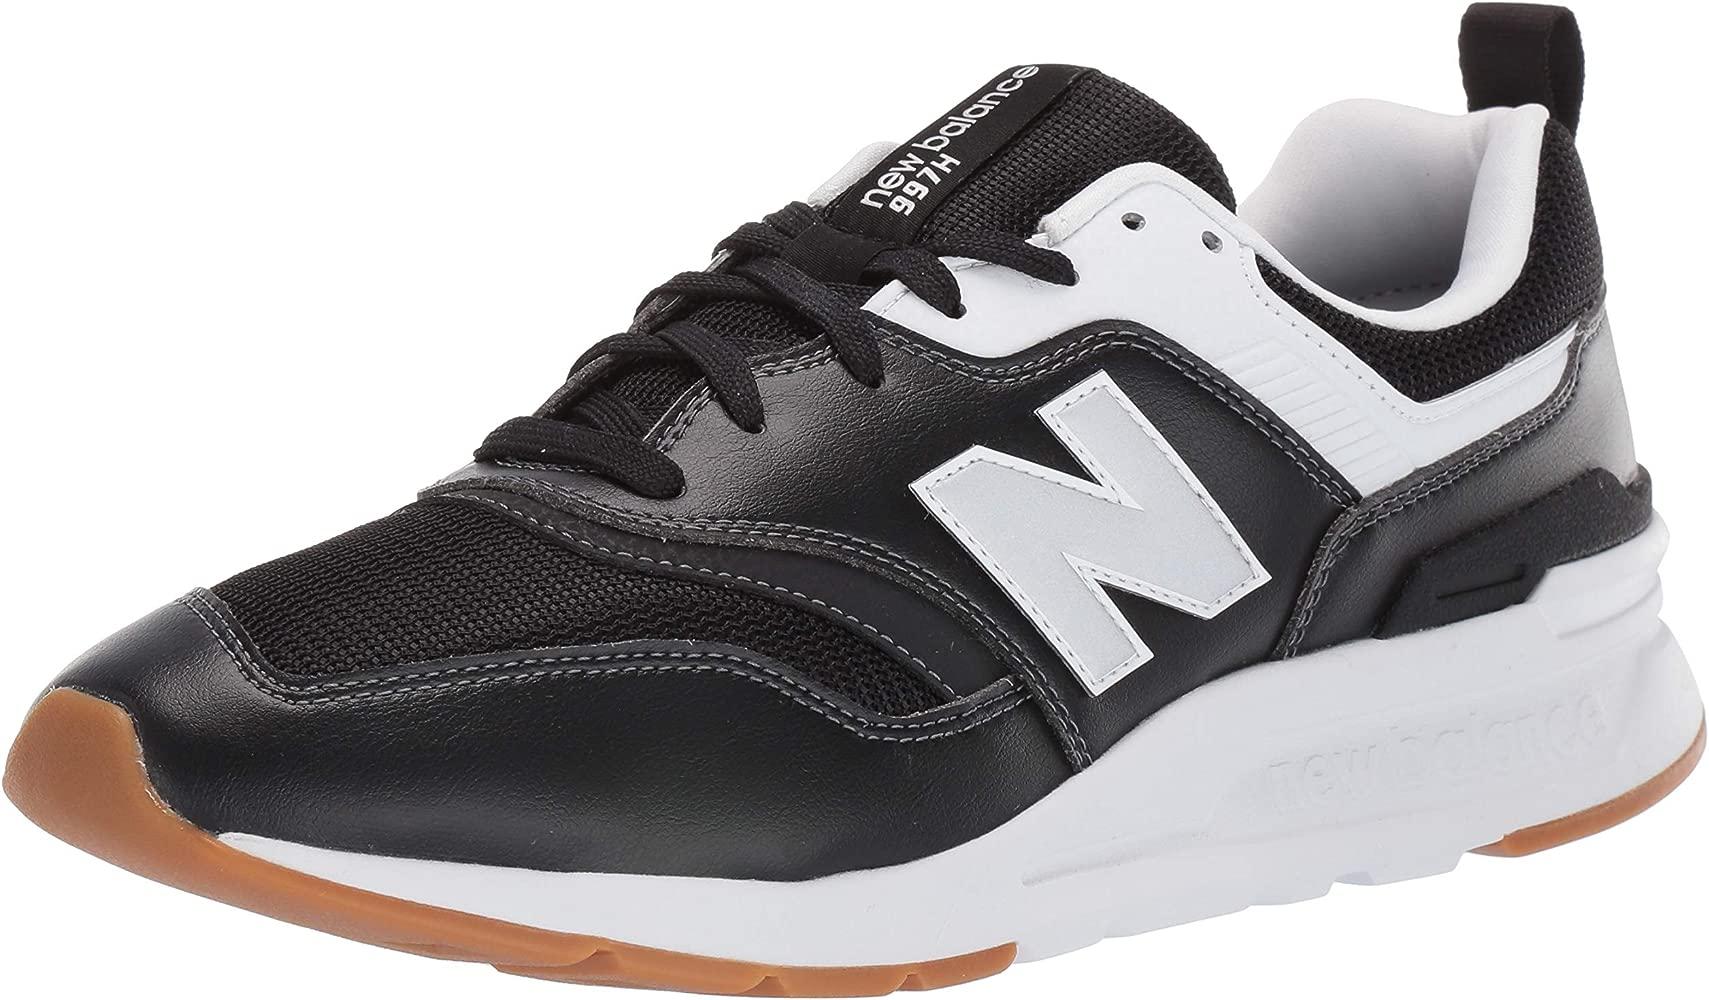 New Balance 997h V1 Zapatillas de Deporte para Hombre